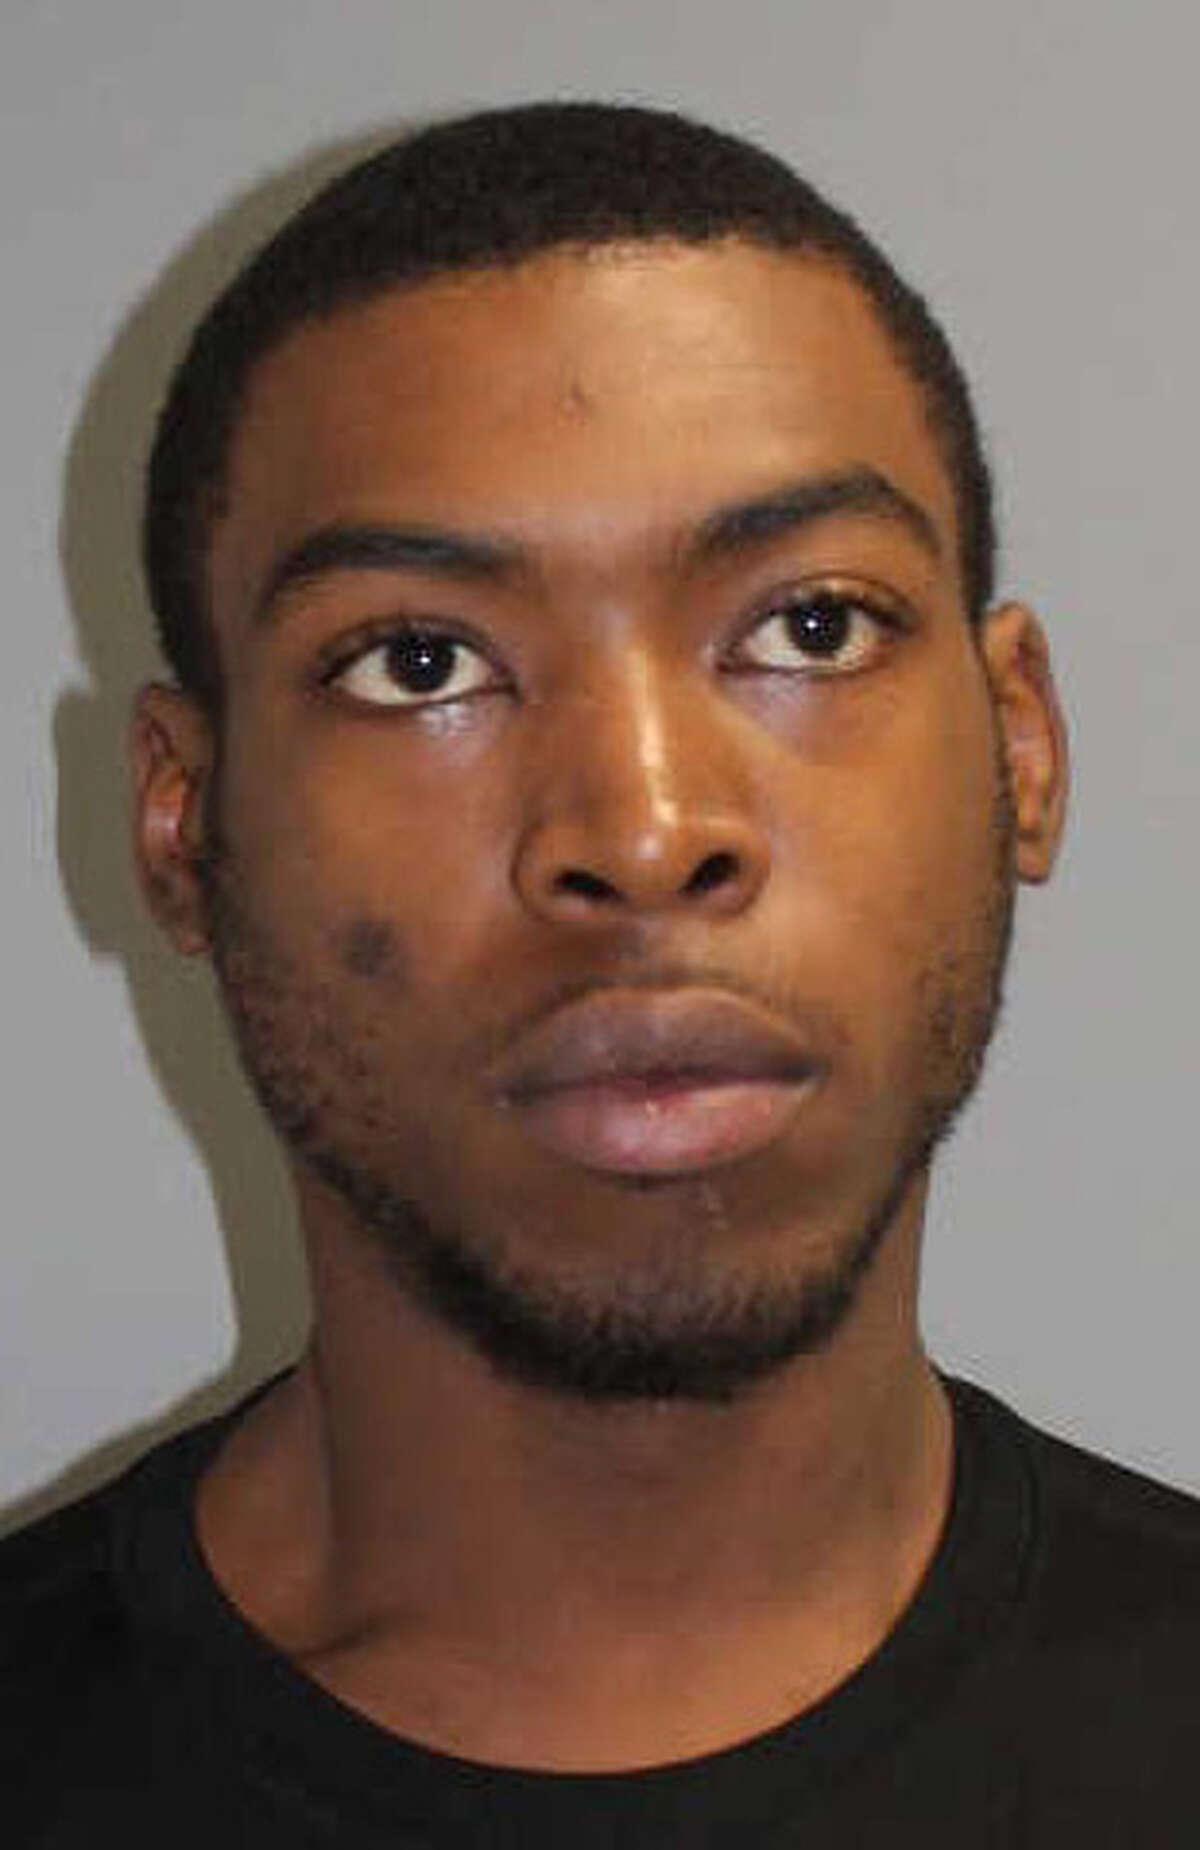 Terrance Baxter, 22, of Norwalk